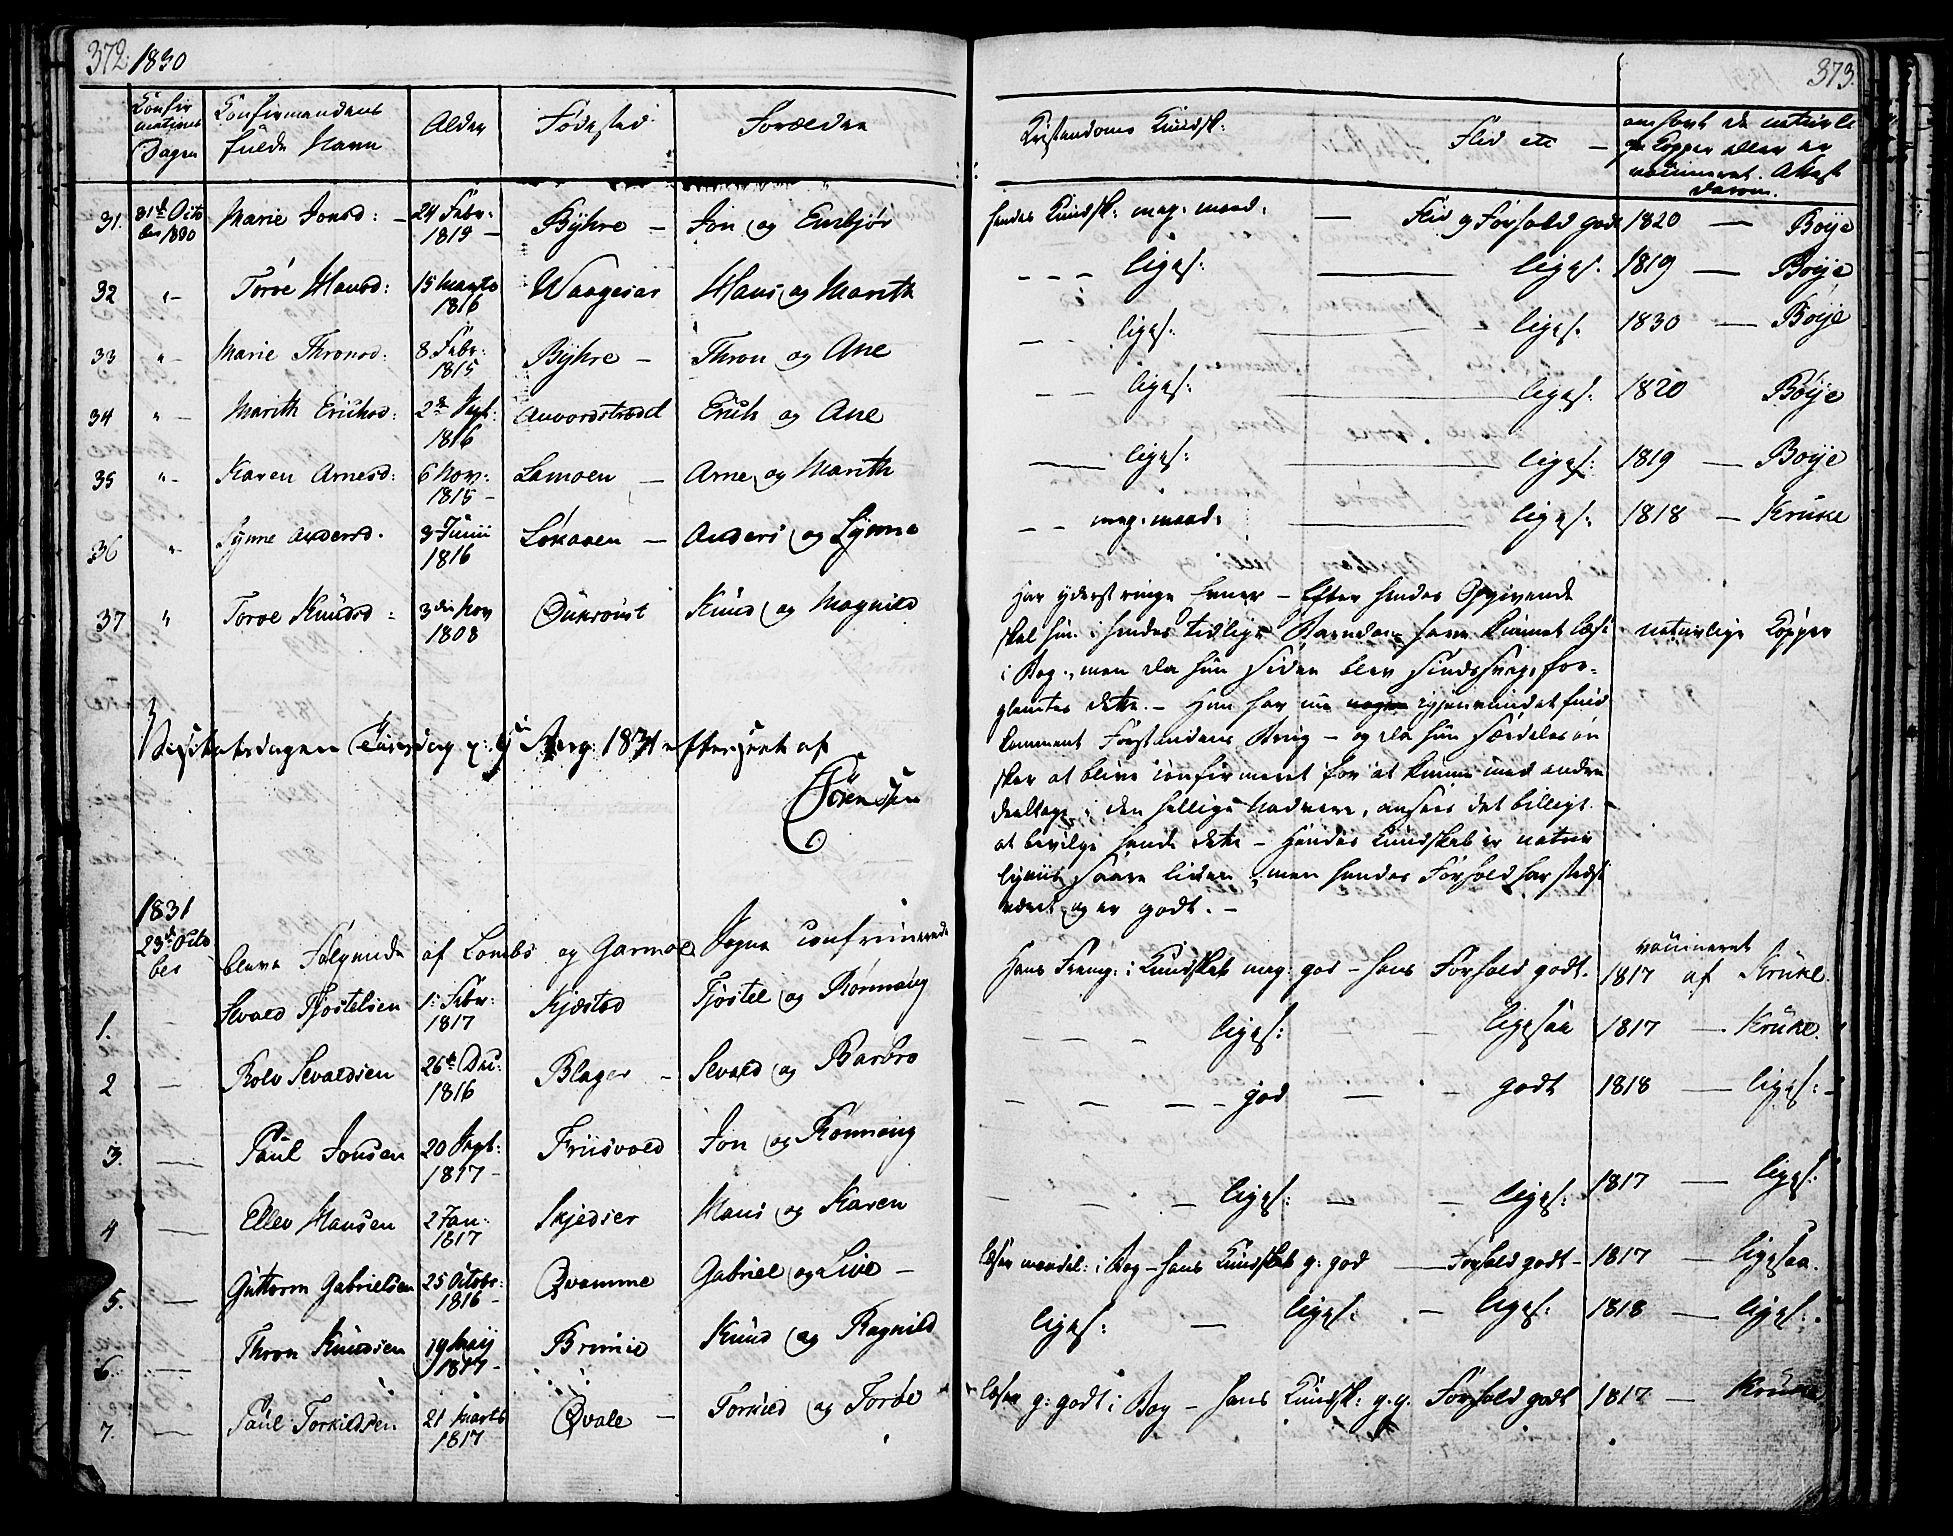 SAH, Lom prestekontor, K/L0005: Ministerialbok nr. 5, 1825-1837, s. 372-373